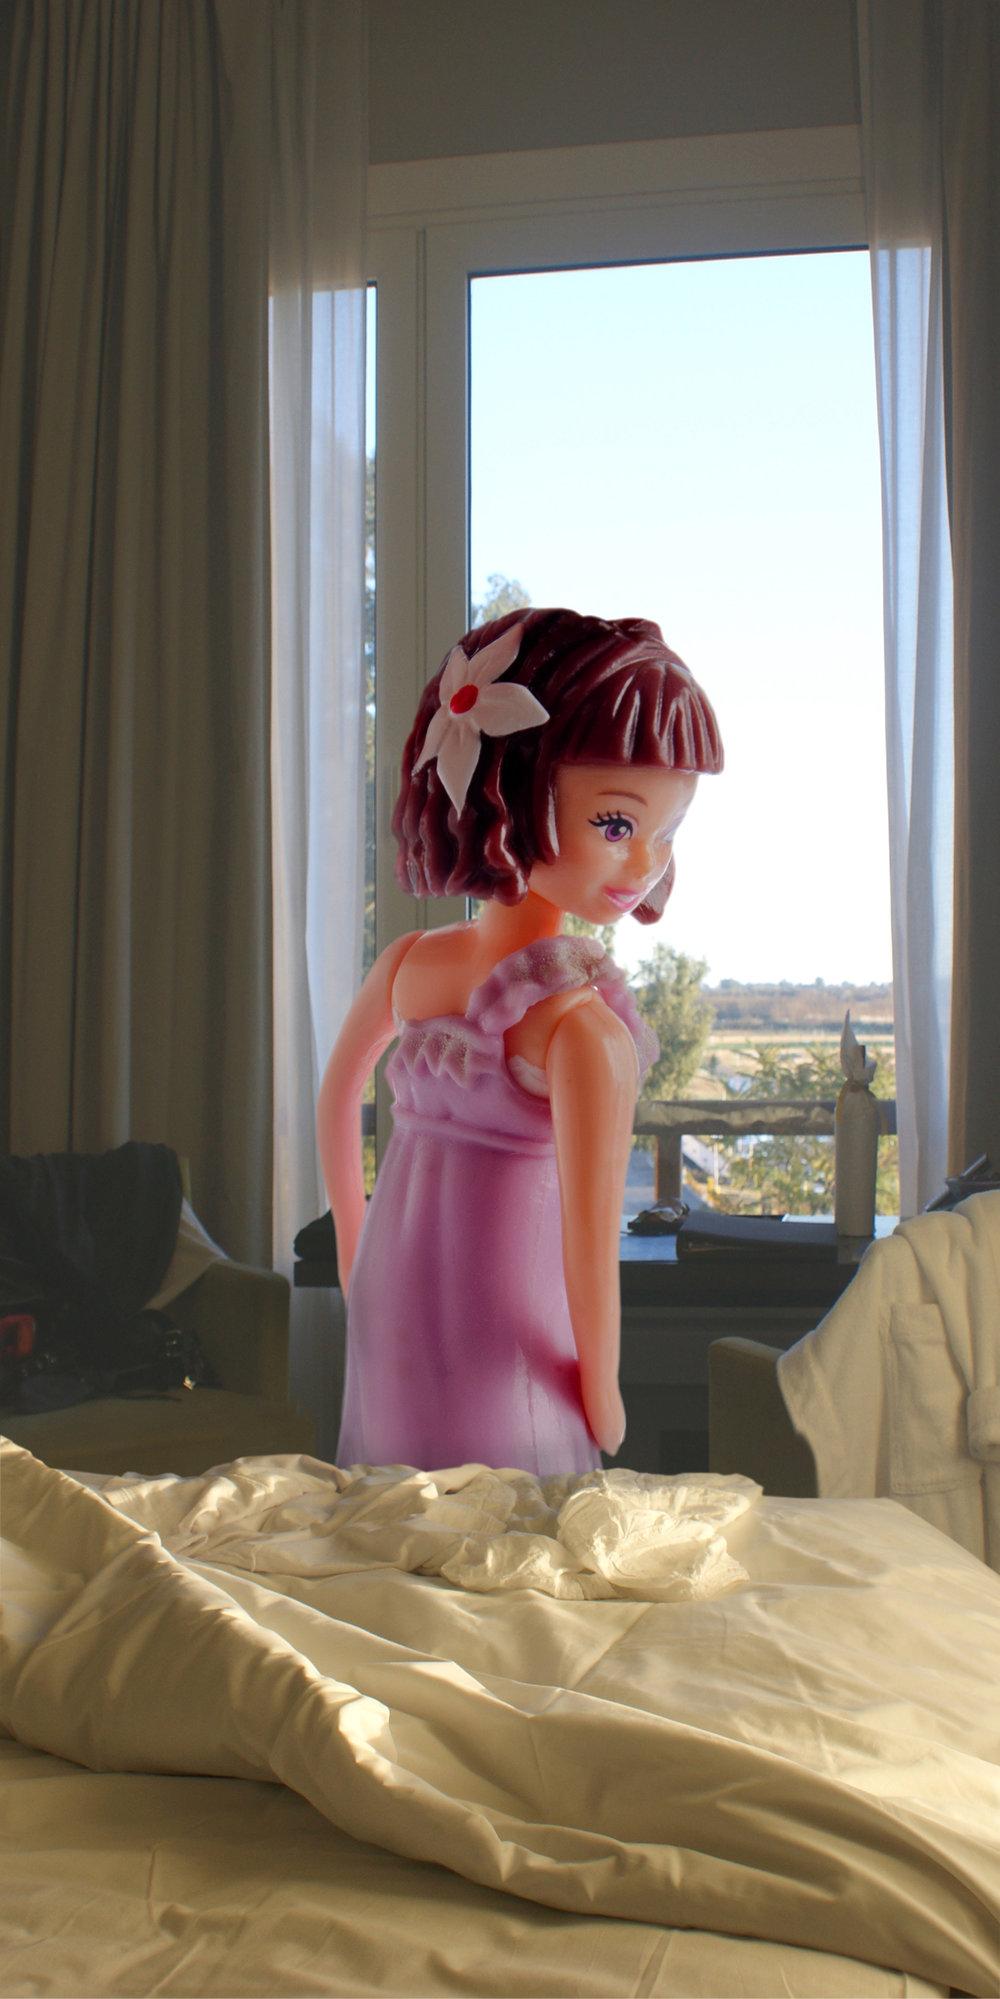 Polly cama  ventana copy.jpg